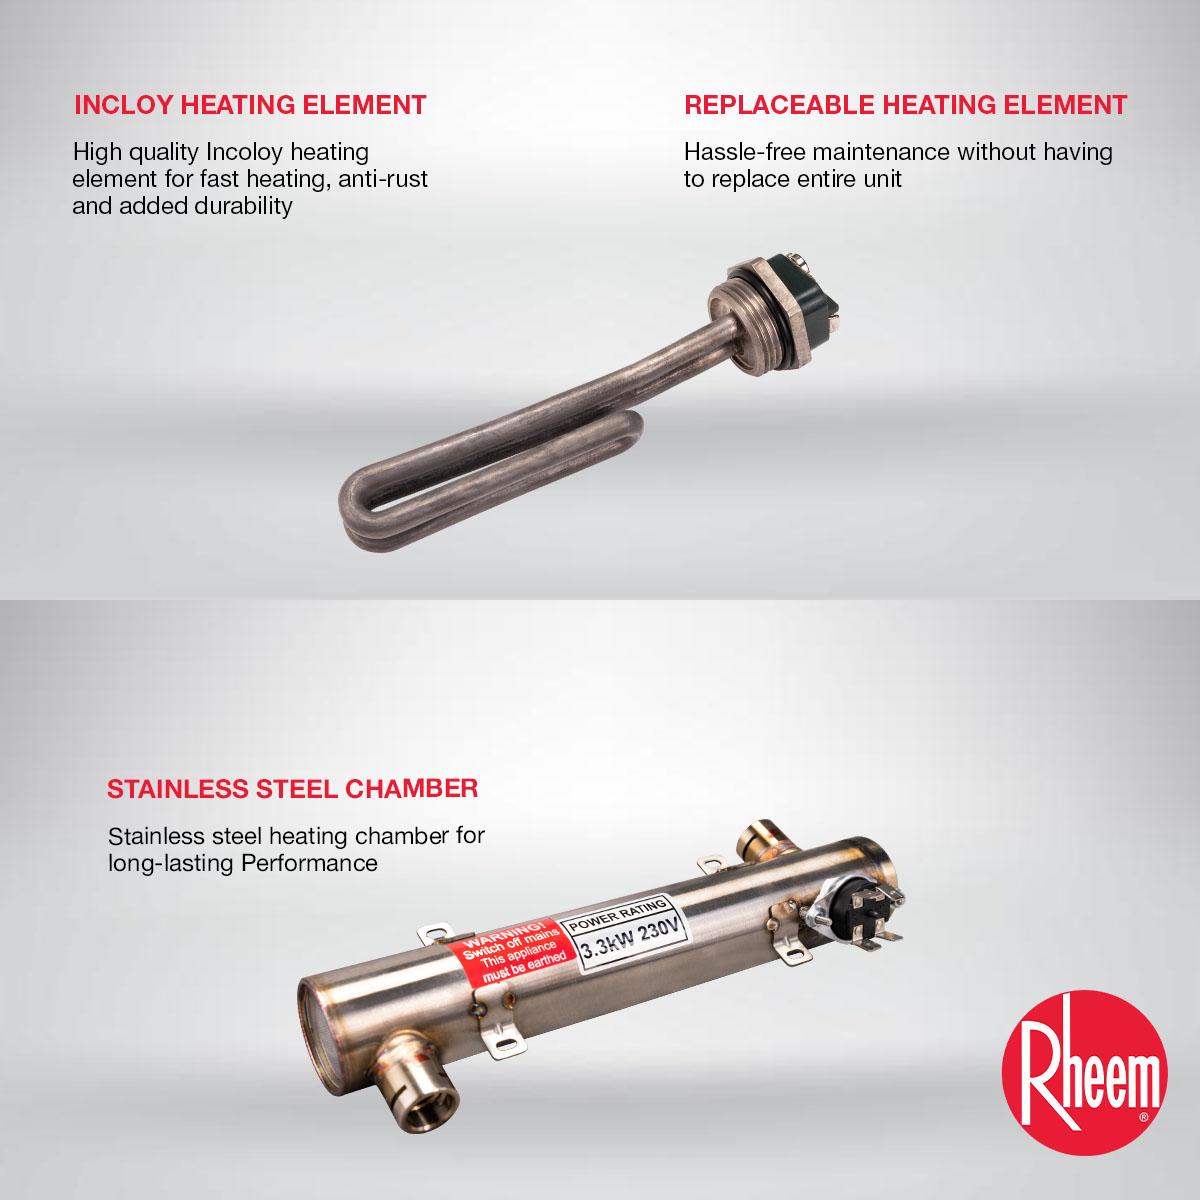 rheem-rtle-33b-product-image-plumber-singapore-3